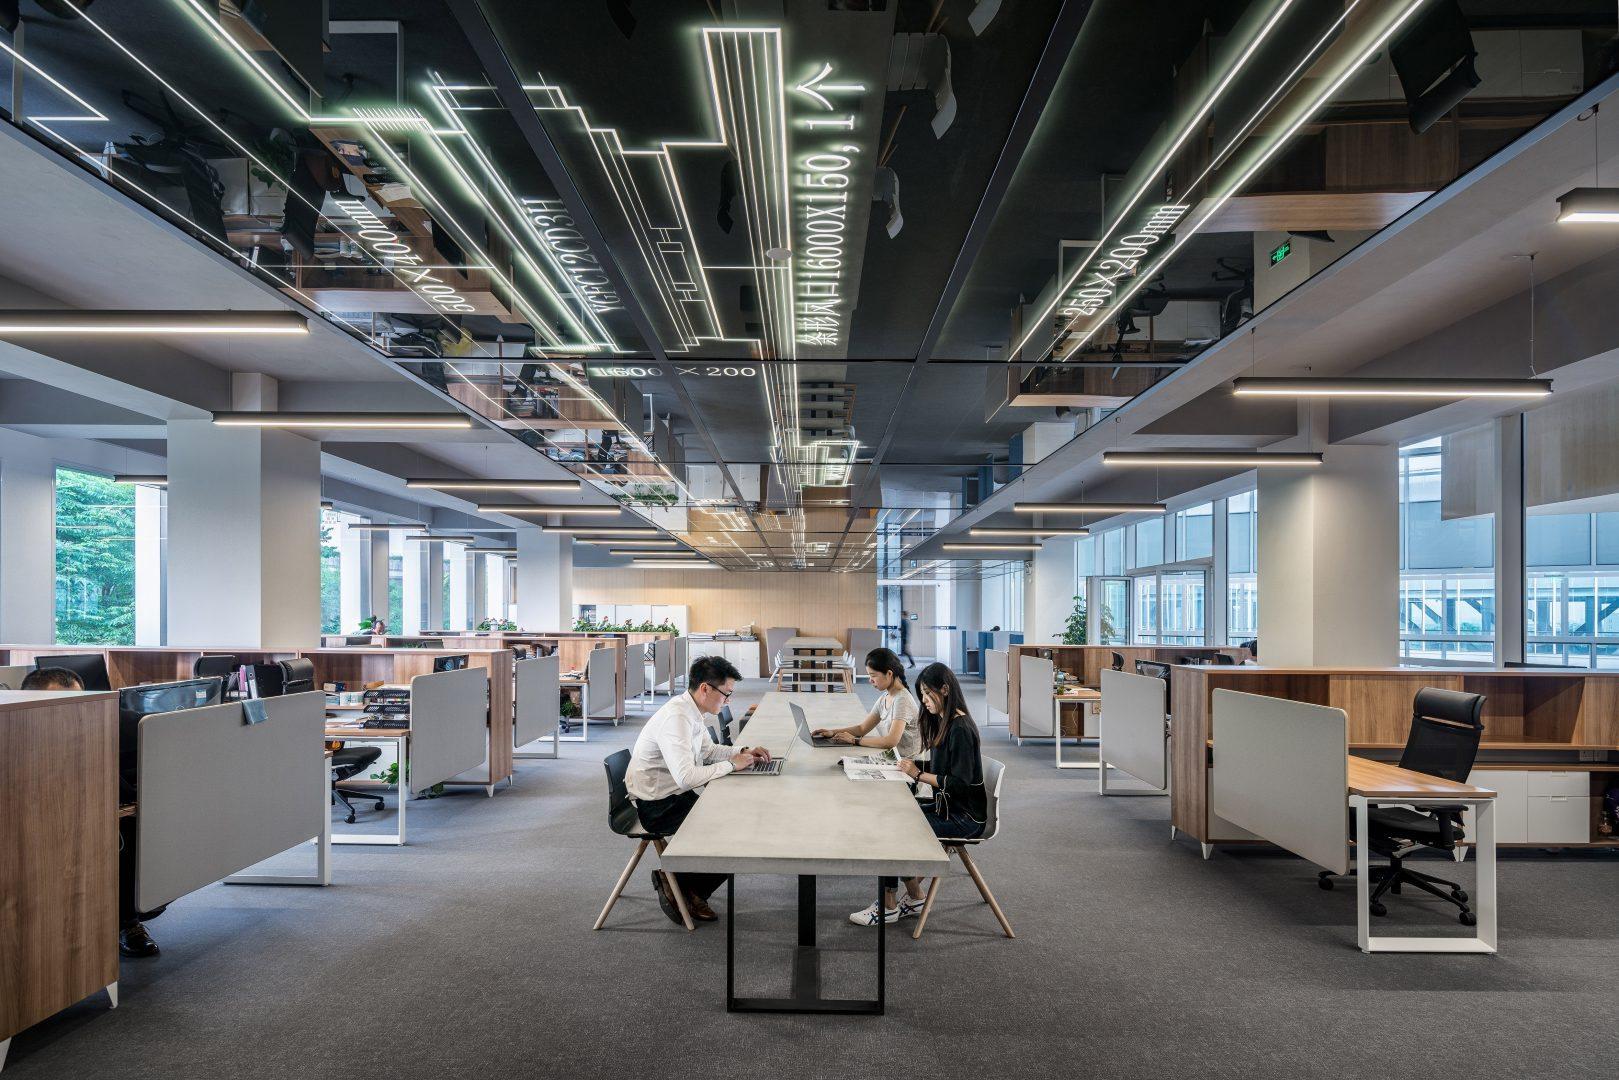 Zmiany w prawie pracy w 2019, czyli o czym powinien wiedzieć przedsiębiorca